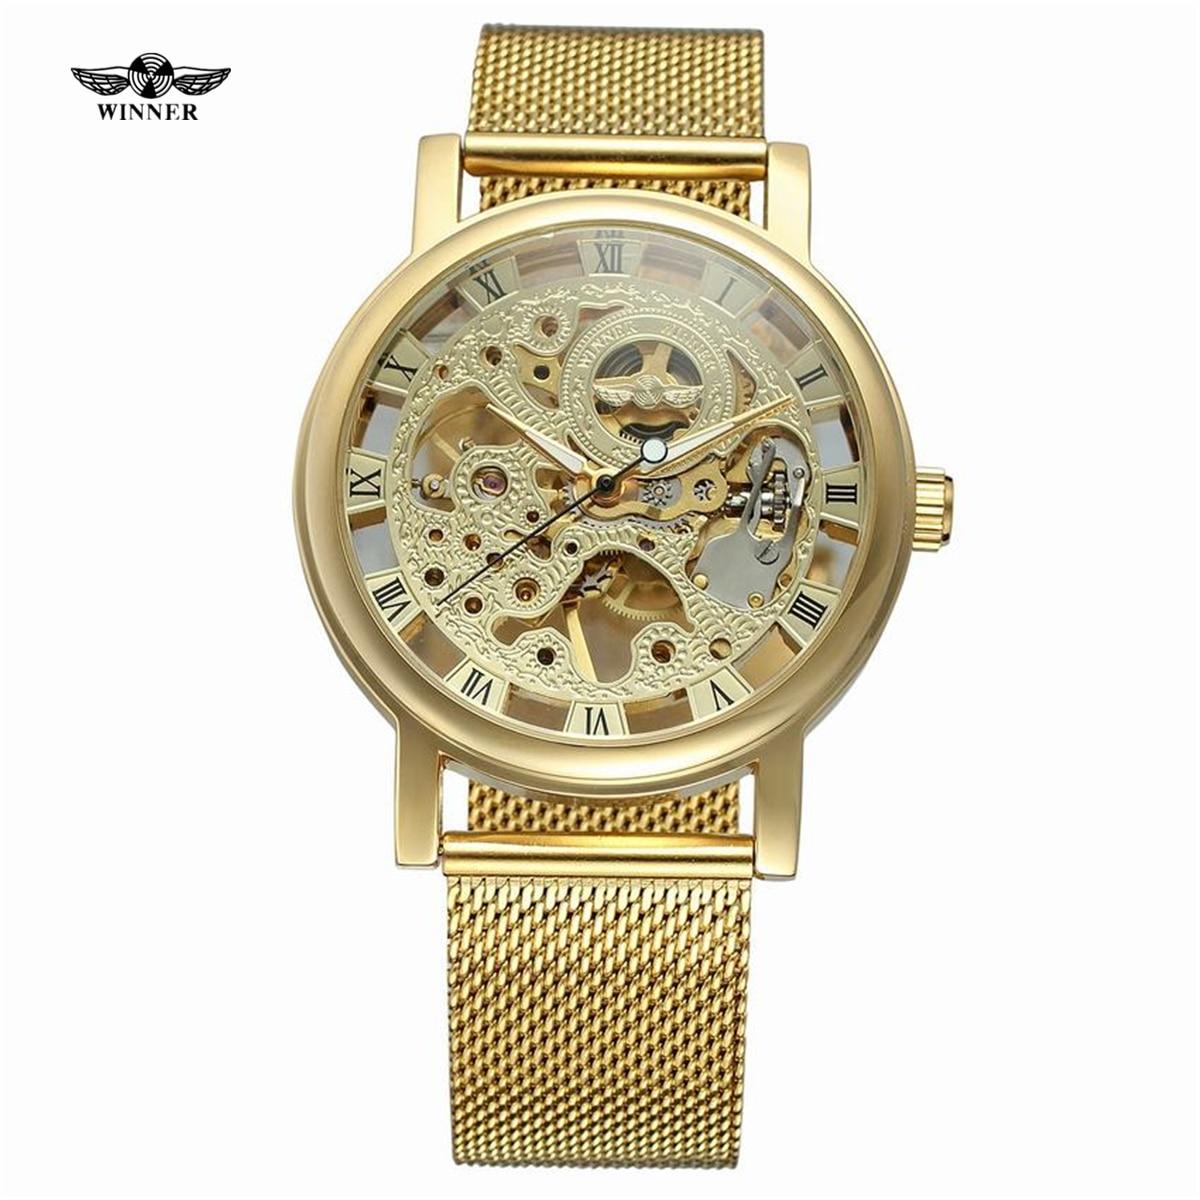 Все разделы часы детские женские карманные мужские напольные настенные настольные песочные часовые аксессуары часовые зап.части часовая атрибутика часовая литература другие.